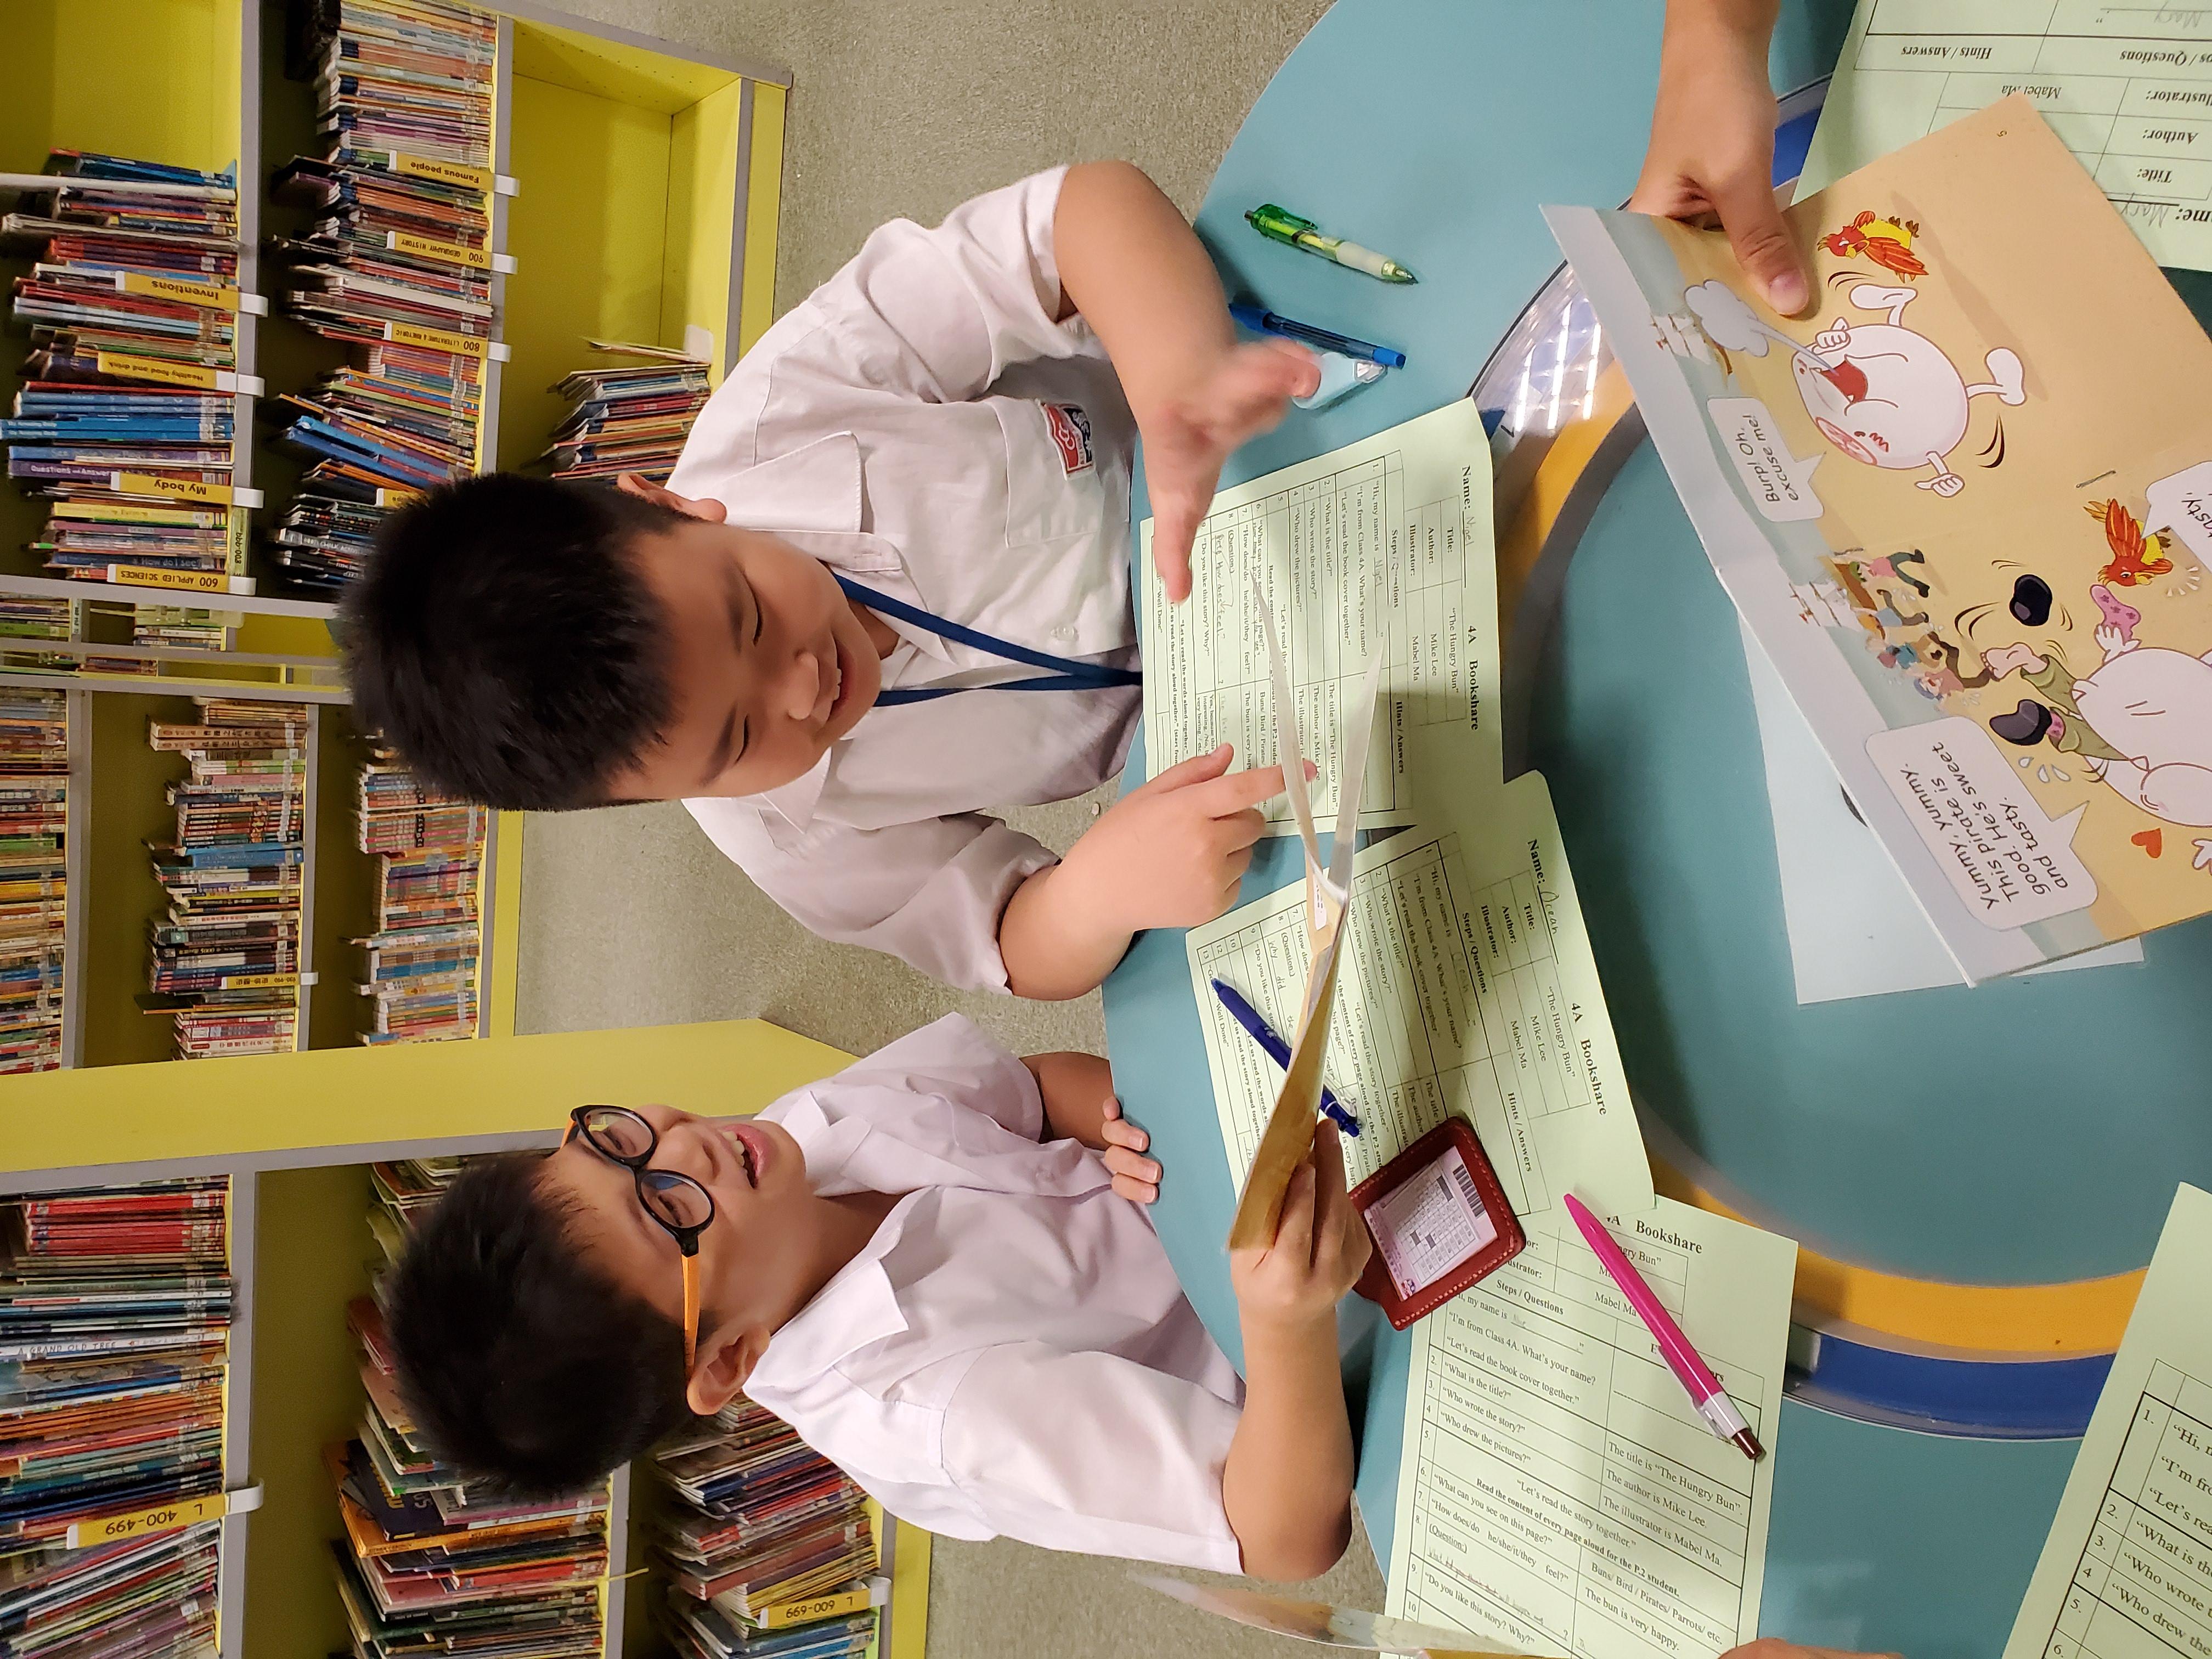 http://www.keiwan.edu.hk/sites/default/files/20191011_101319.jpg